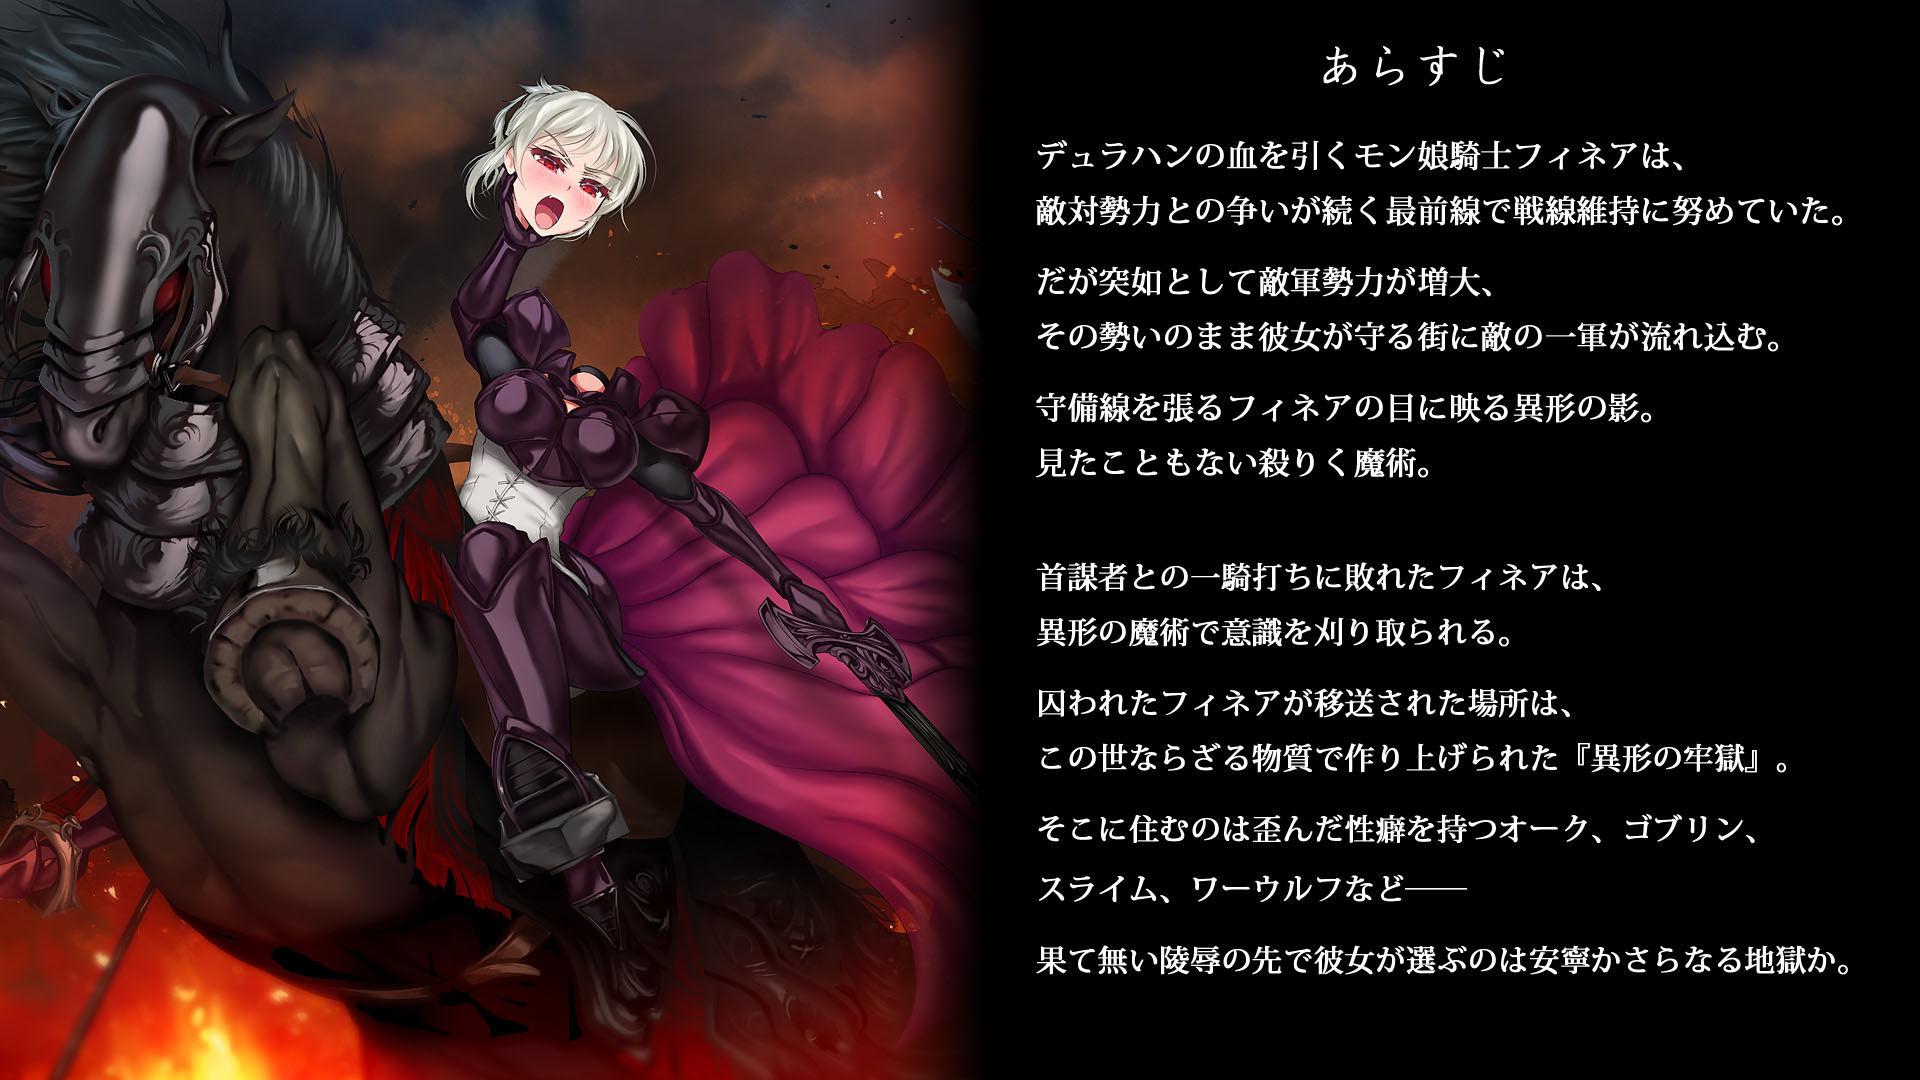 気高く清純なモン娘騎士が肉奴隷目的で罠にハメられた 〜くびなし騎士フィネア〜